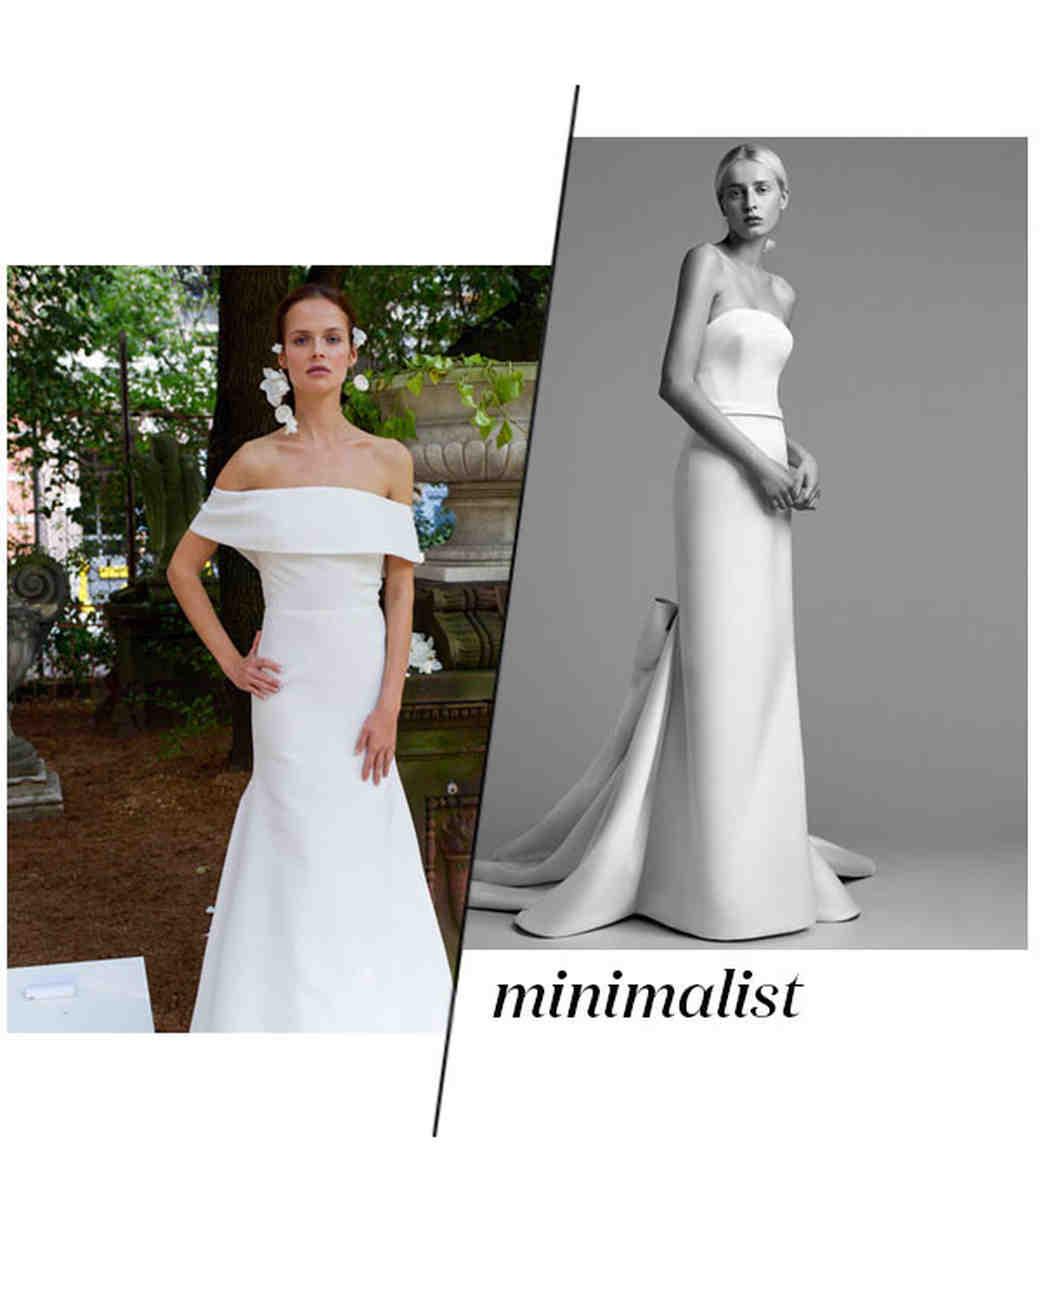 Fall 2018 Wedding Dress Trends, Minimalist